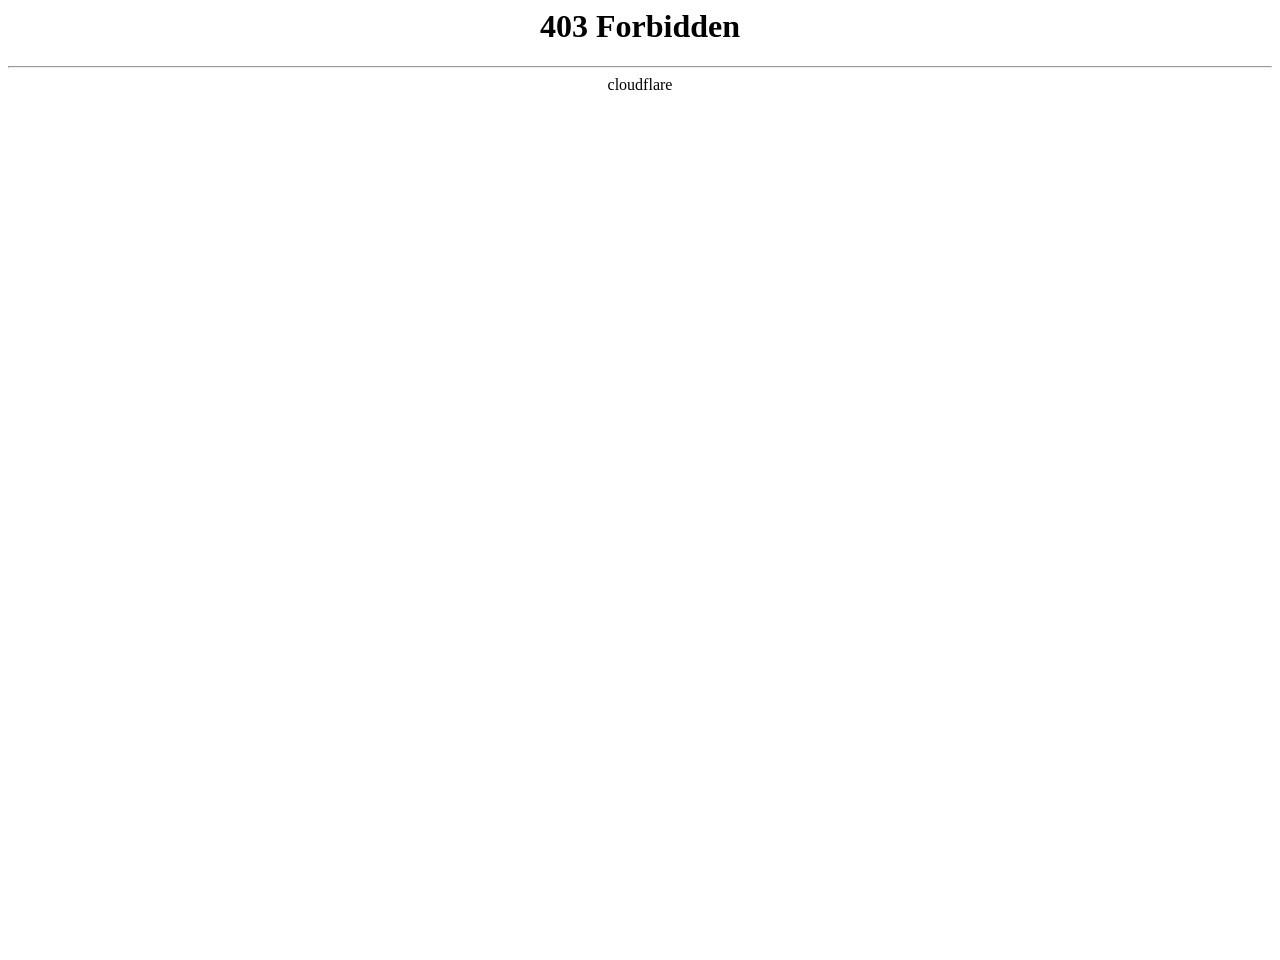 adrianeast.com